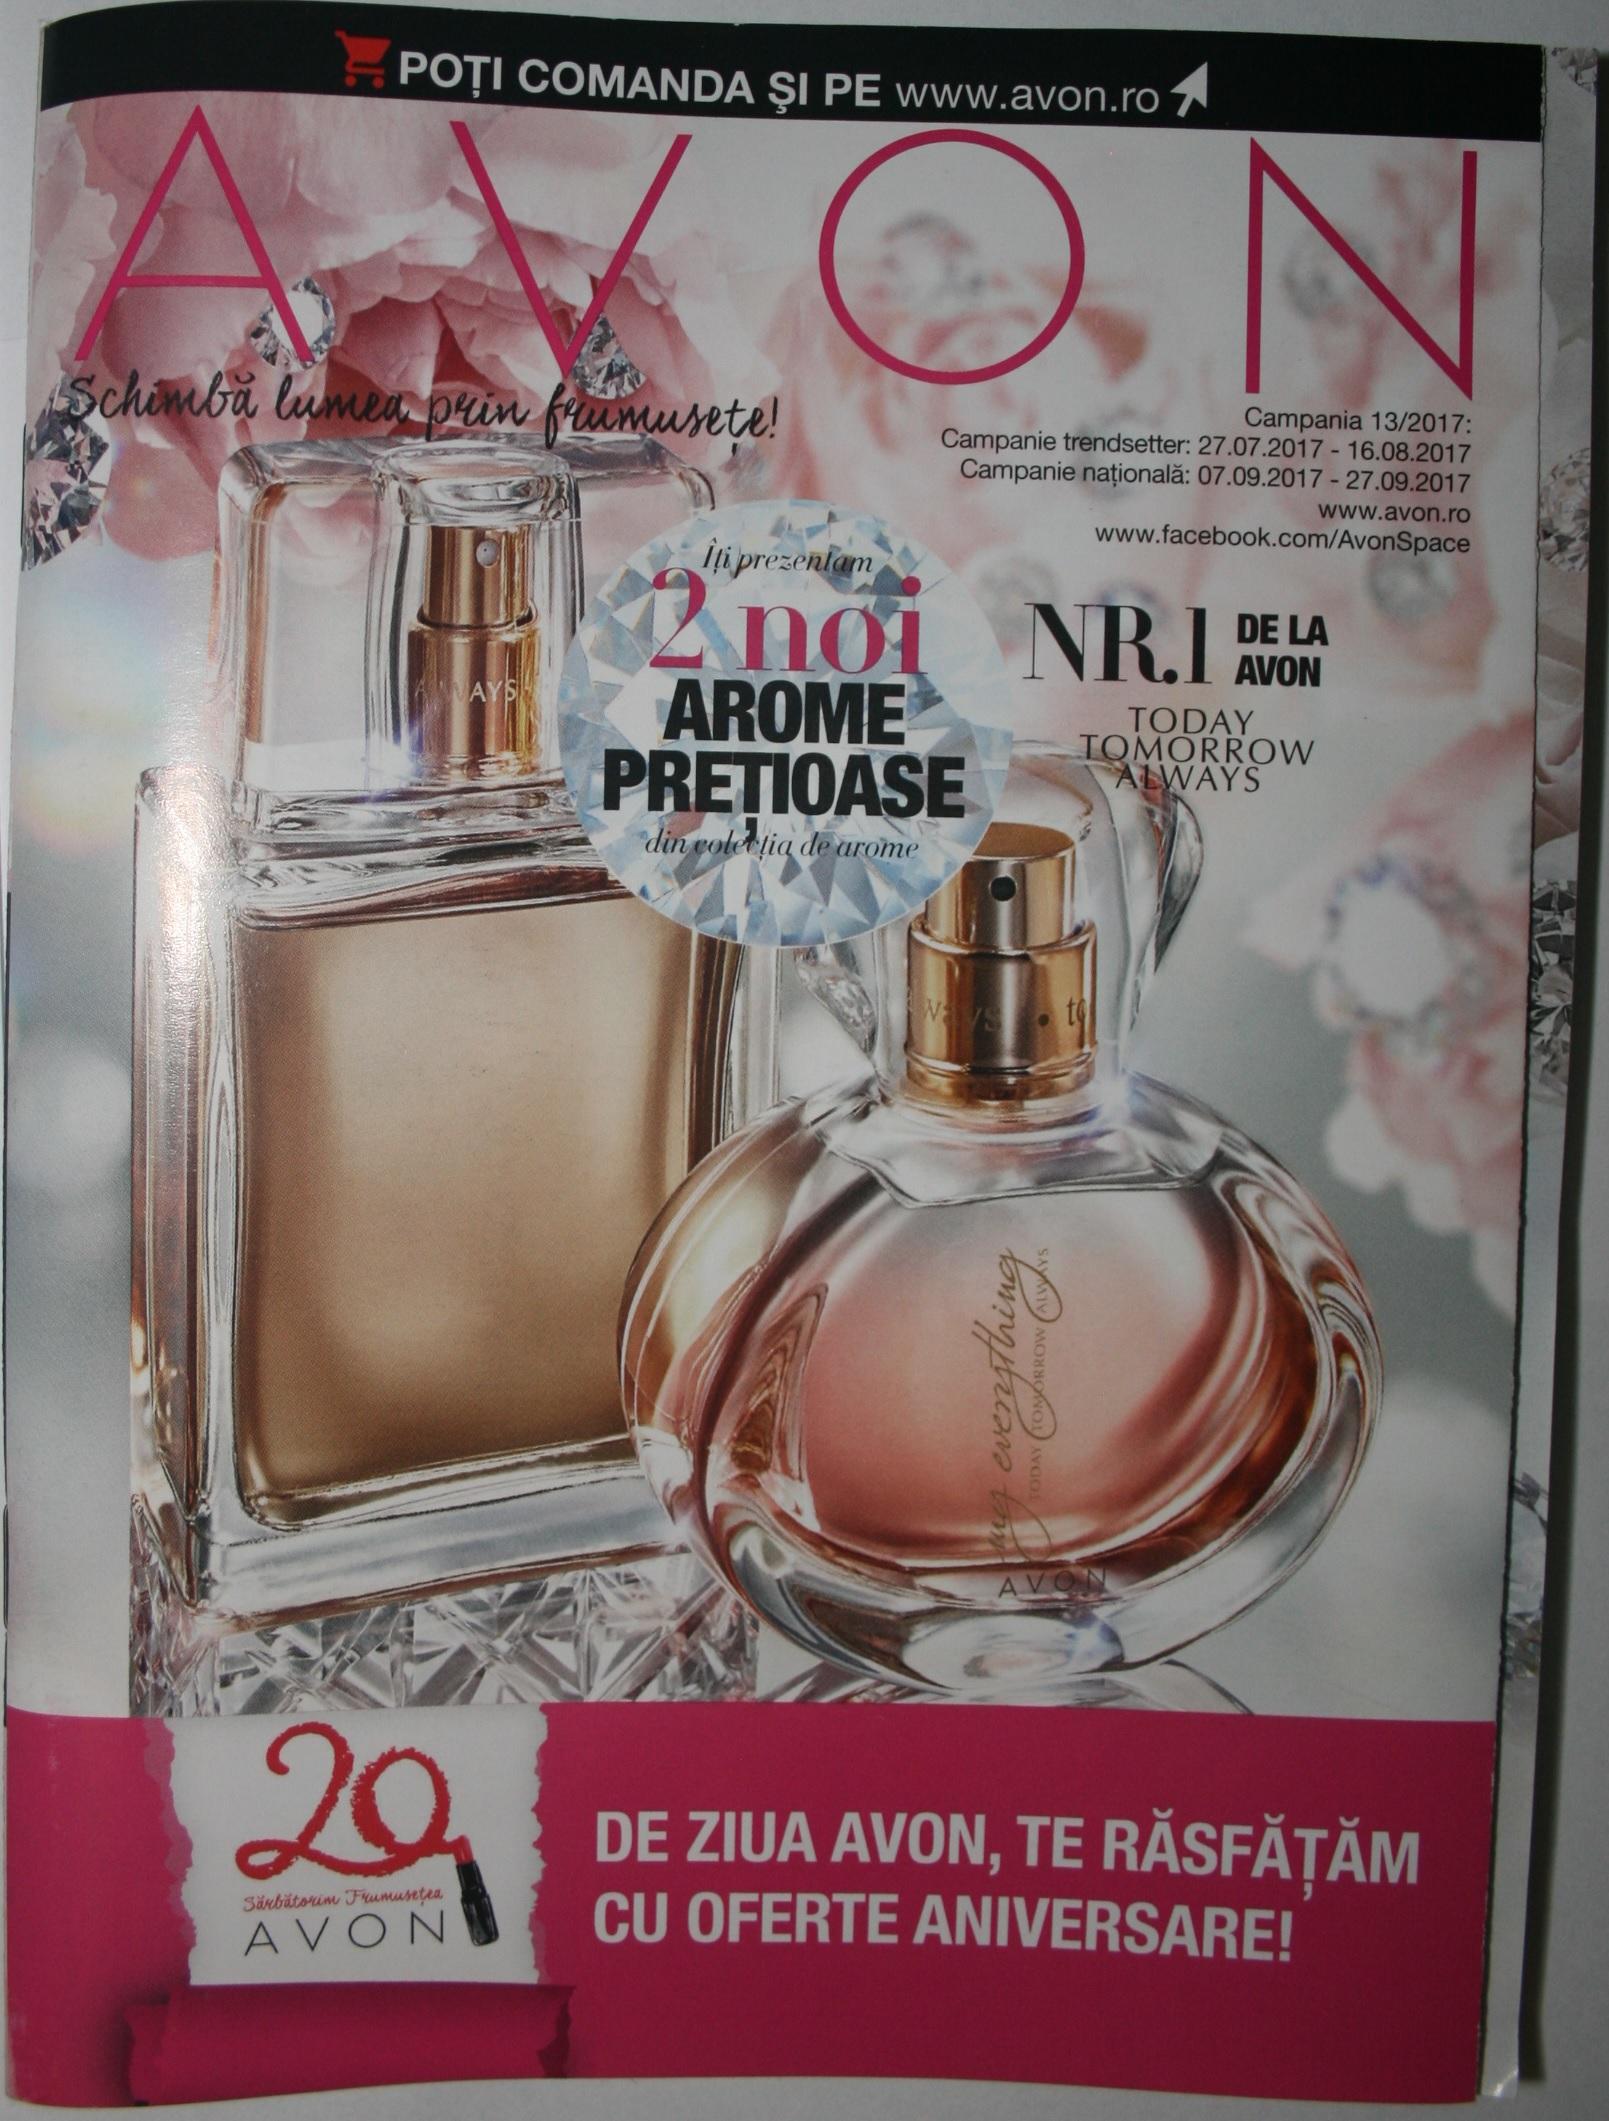 Catalog Avon Campania 13 2017 - 07-27 Septembrie 2017 - Catalog AZ